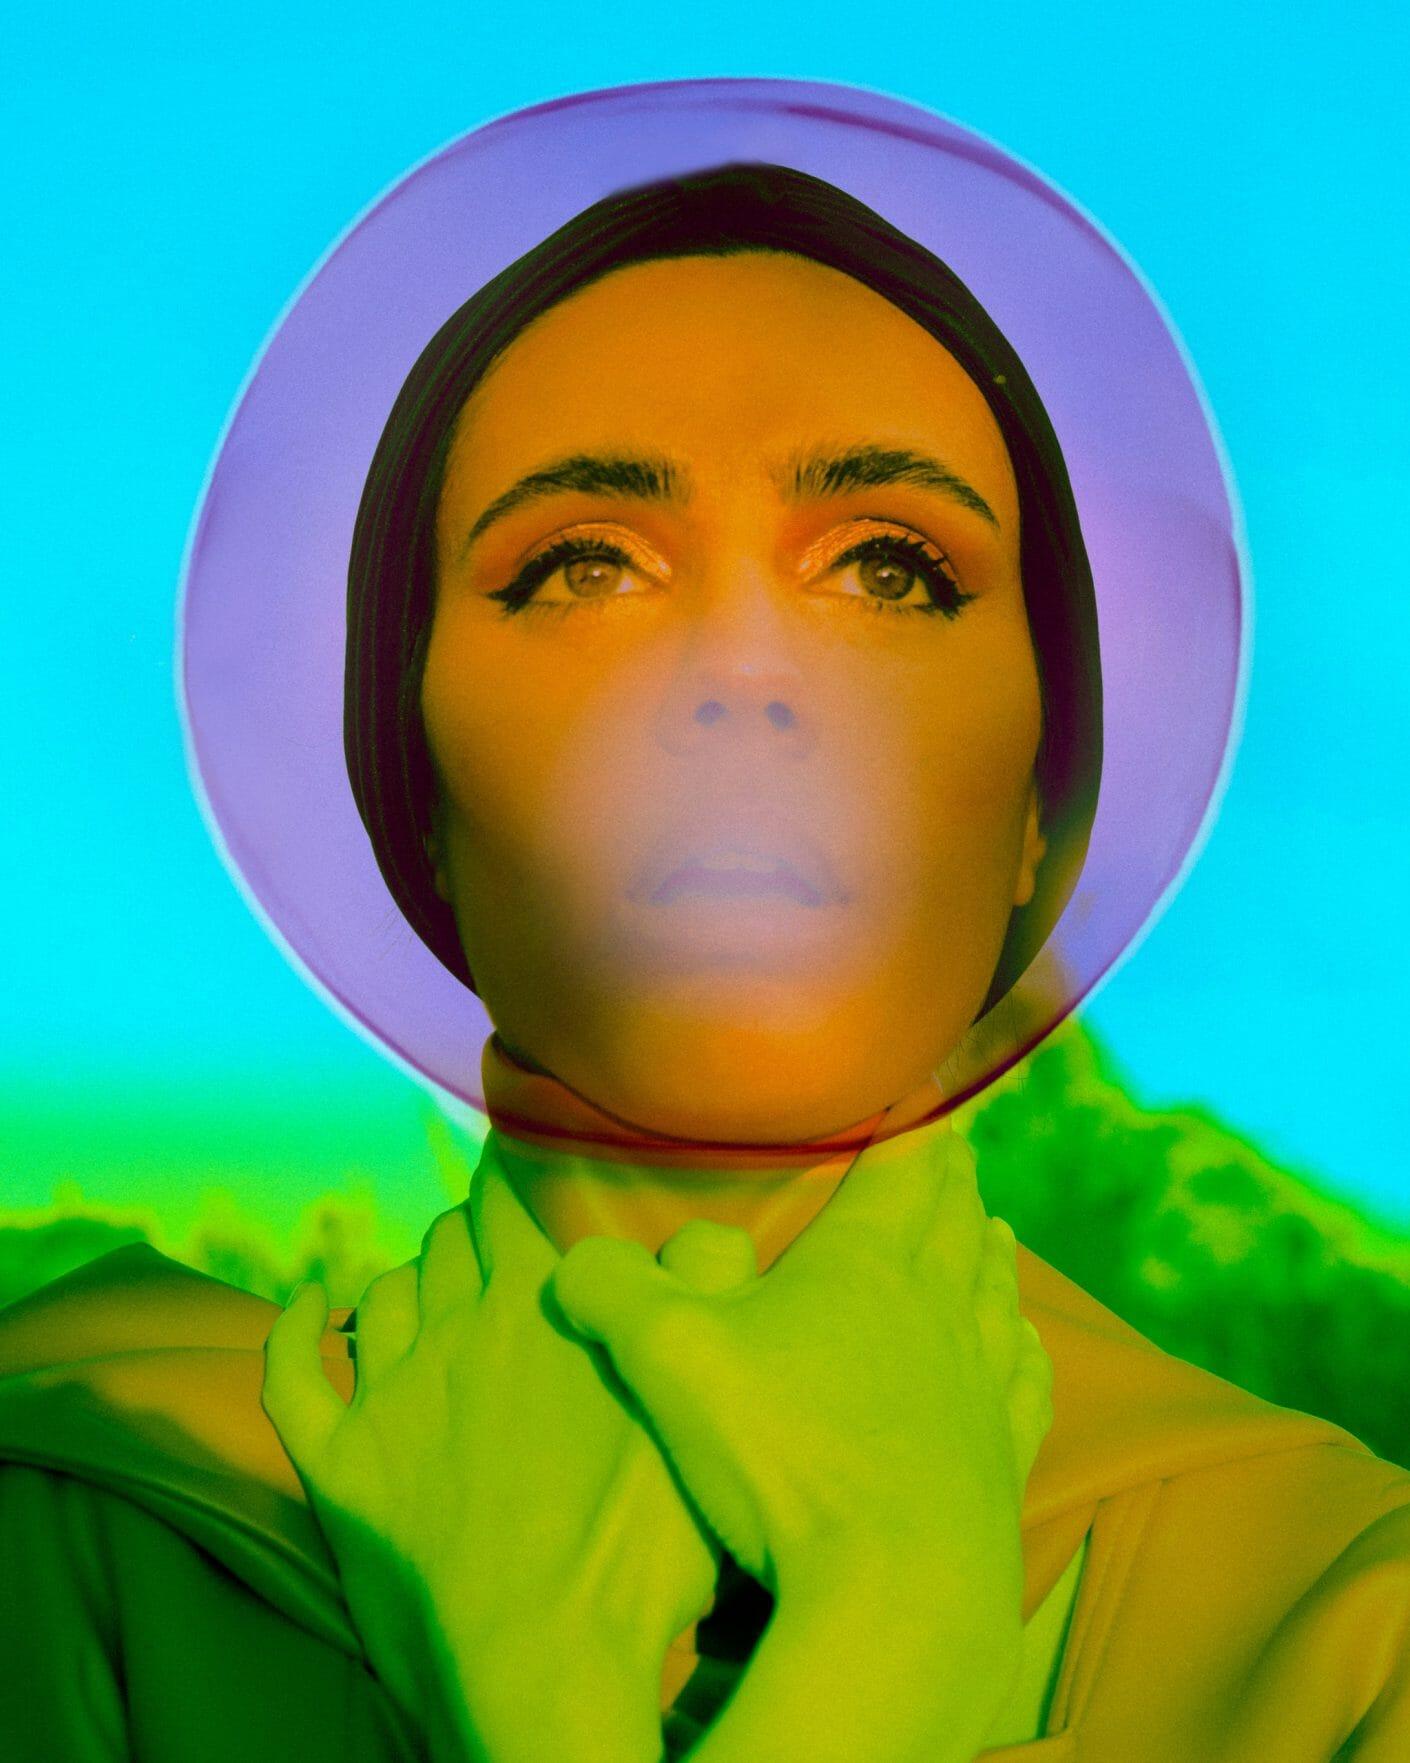 Portrait d'une femme, halo de violet autour de son visage. Ses mains autour de son cou sont vertes